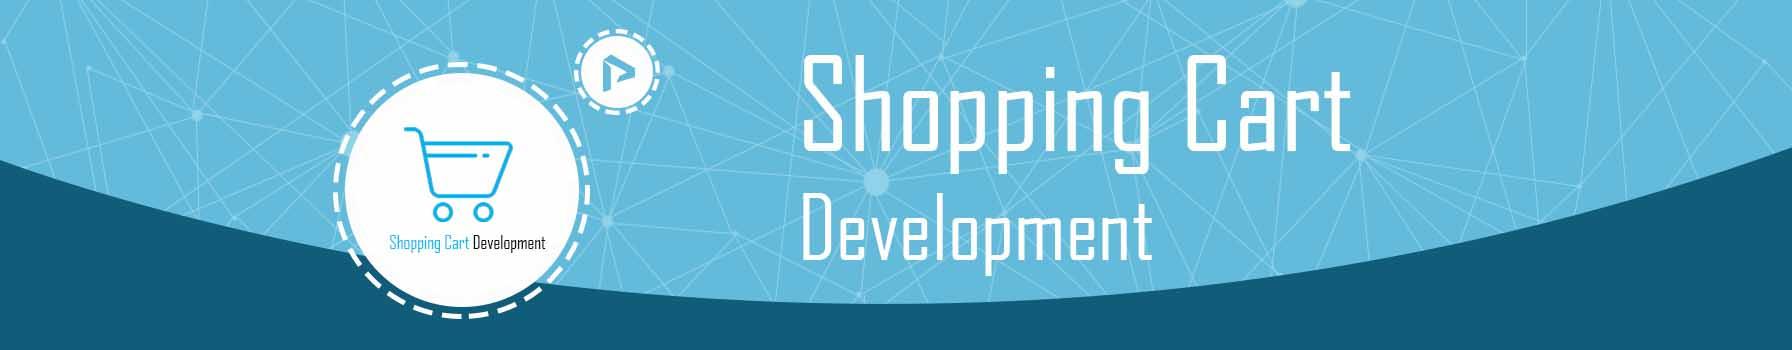 shopping-cart-development.jpg